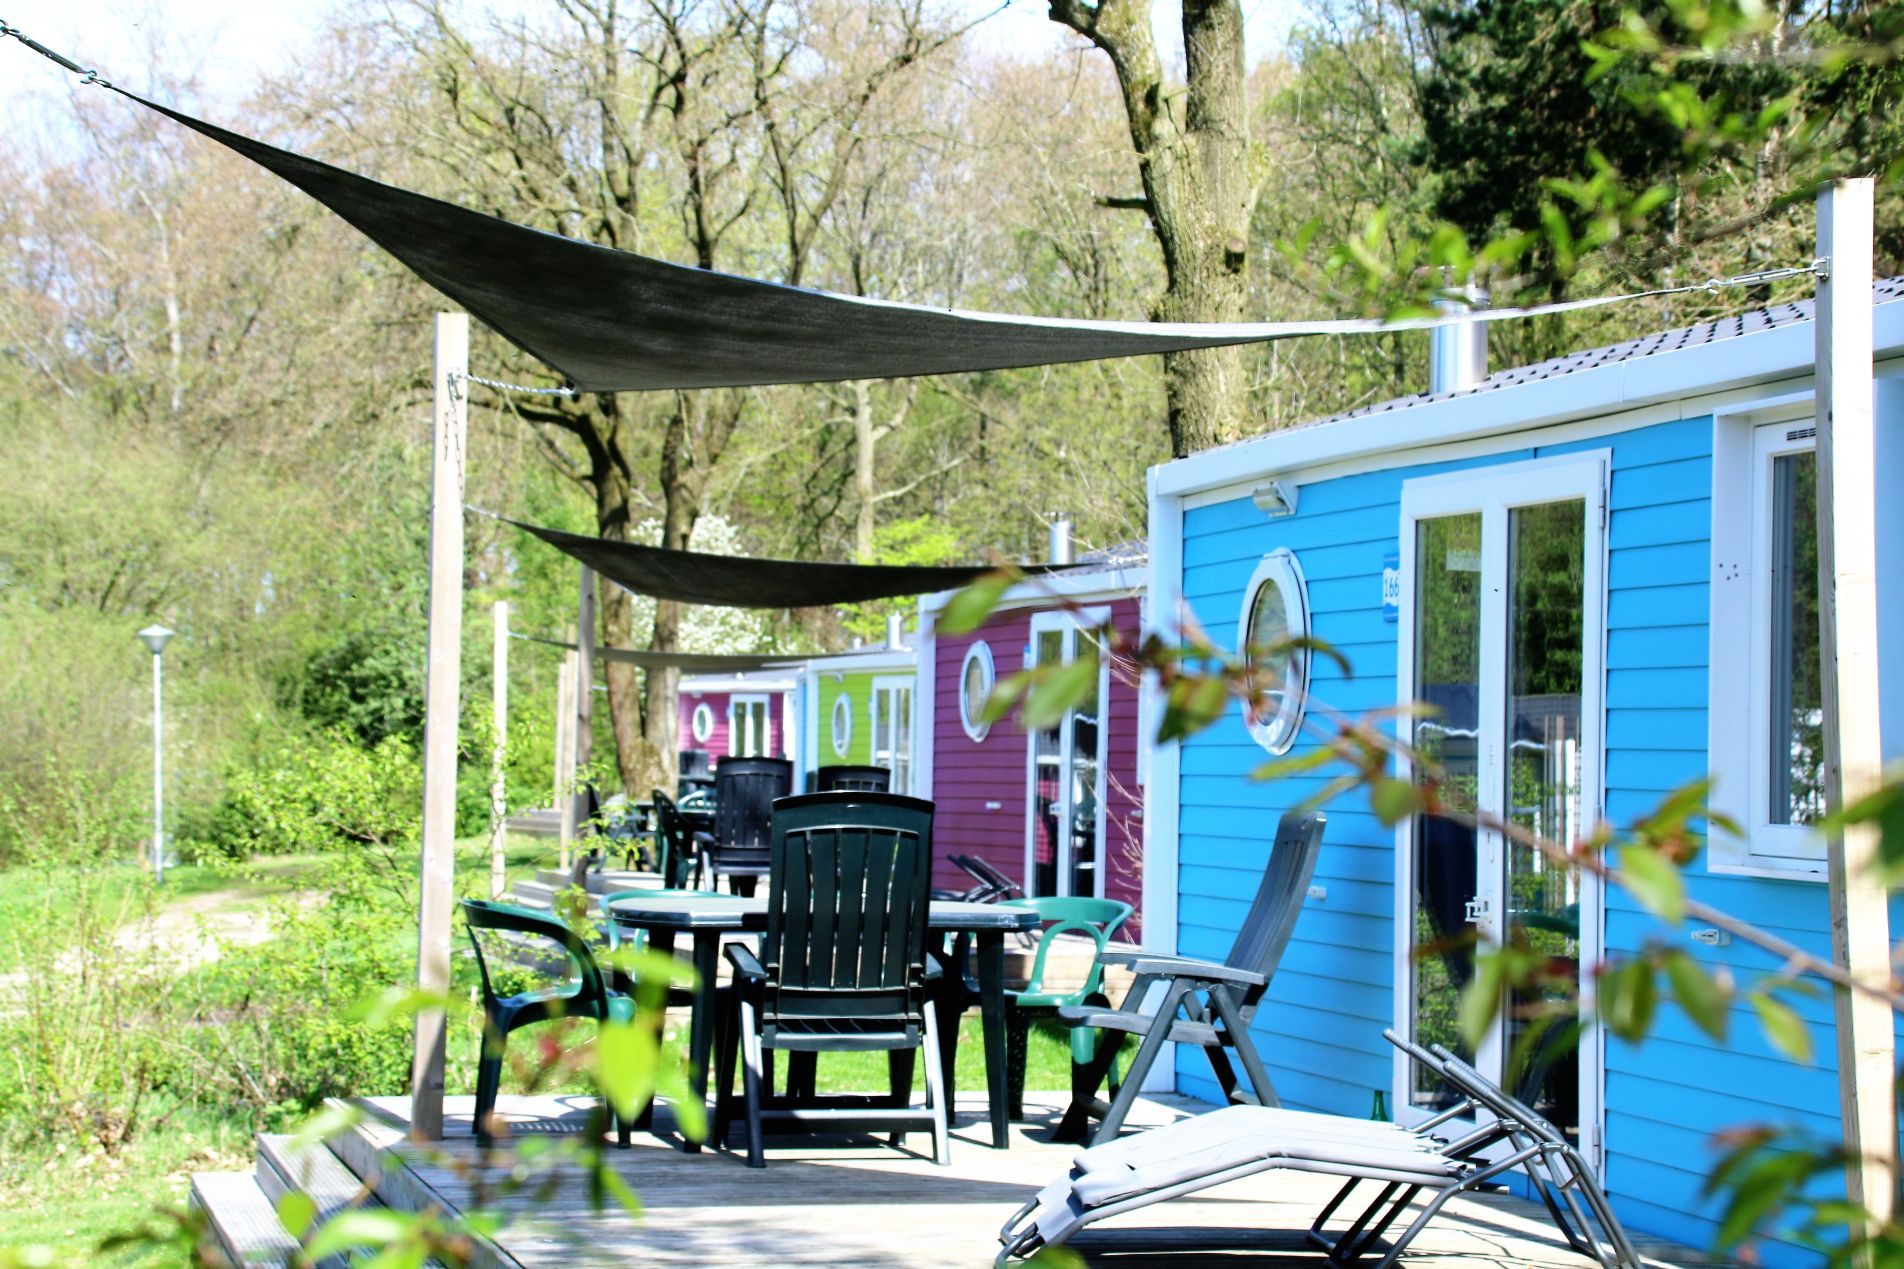 Kom vakantie vieren op ons vakantiepark in Hardenberg! - Vakantiepark in Hardenberg NL